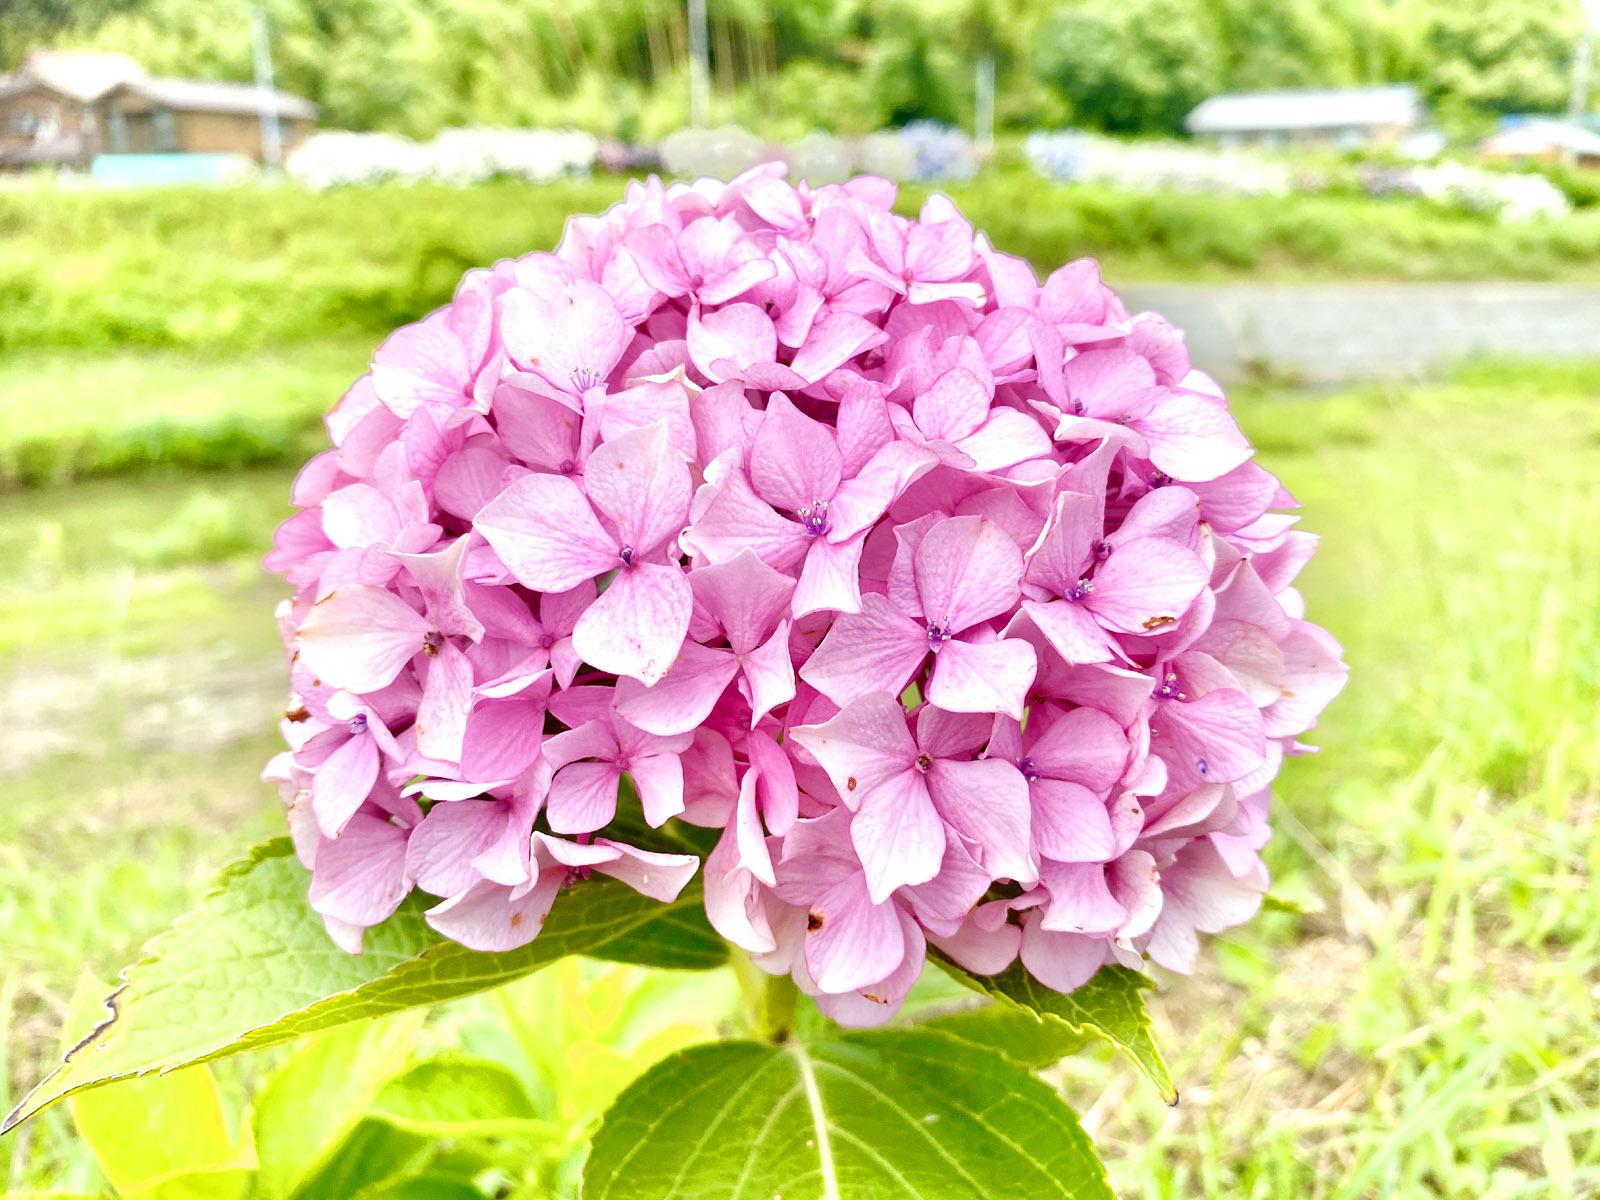 綺麗に咲いた紫陽花